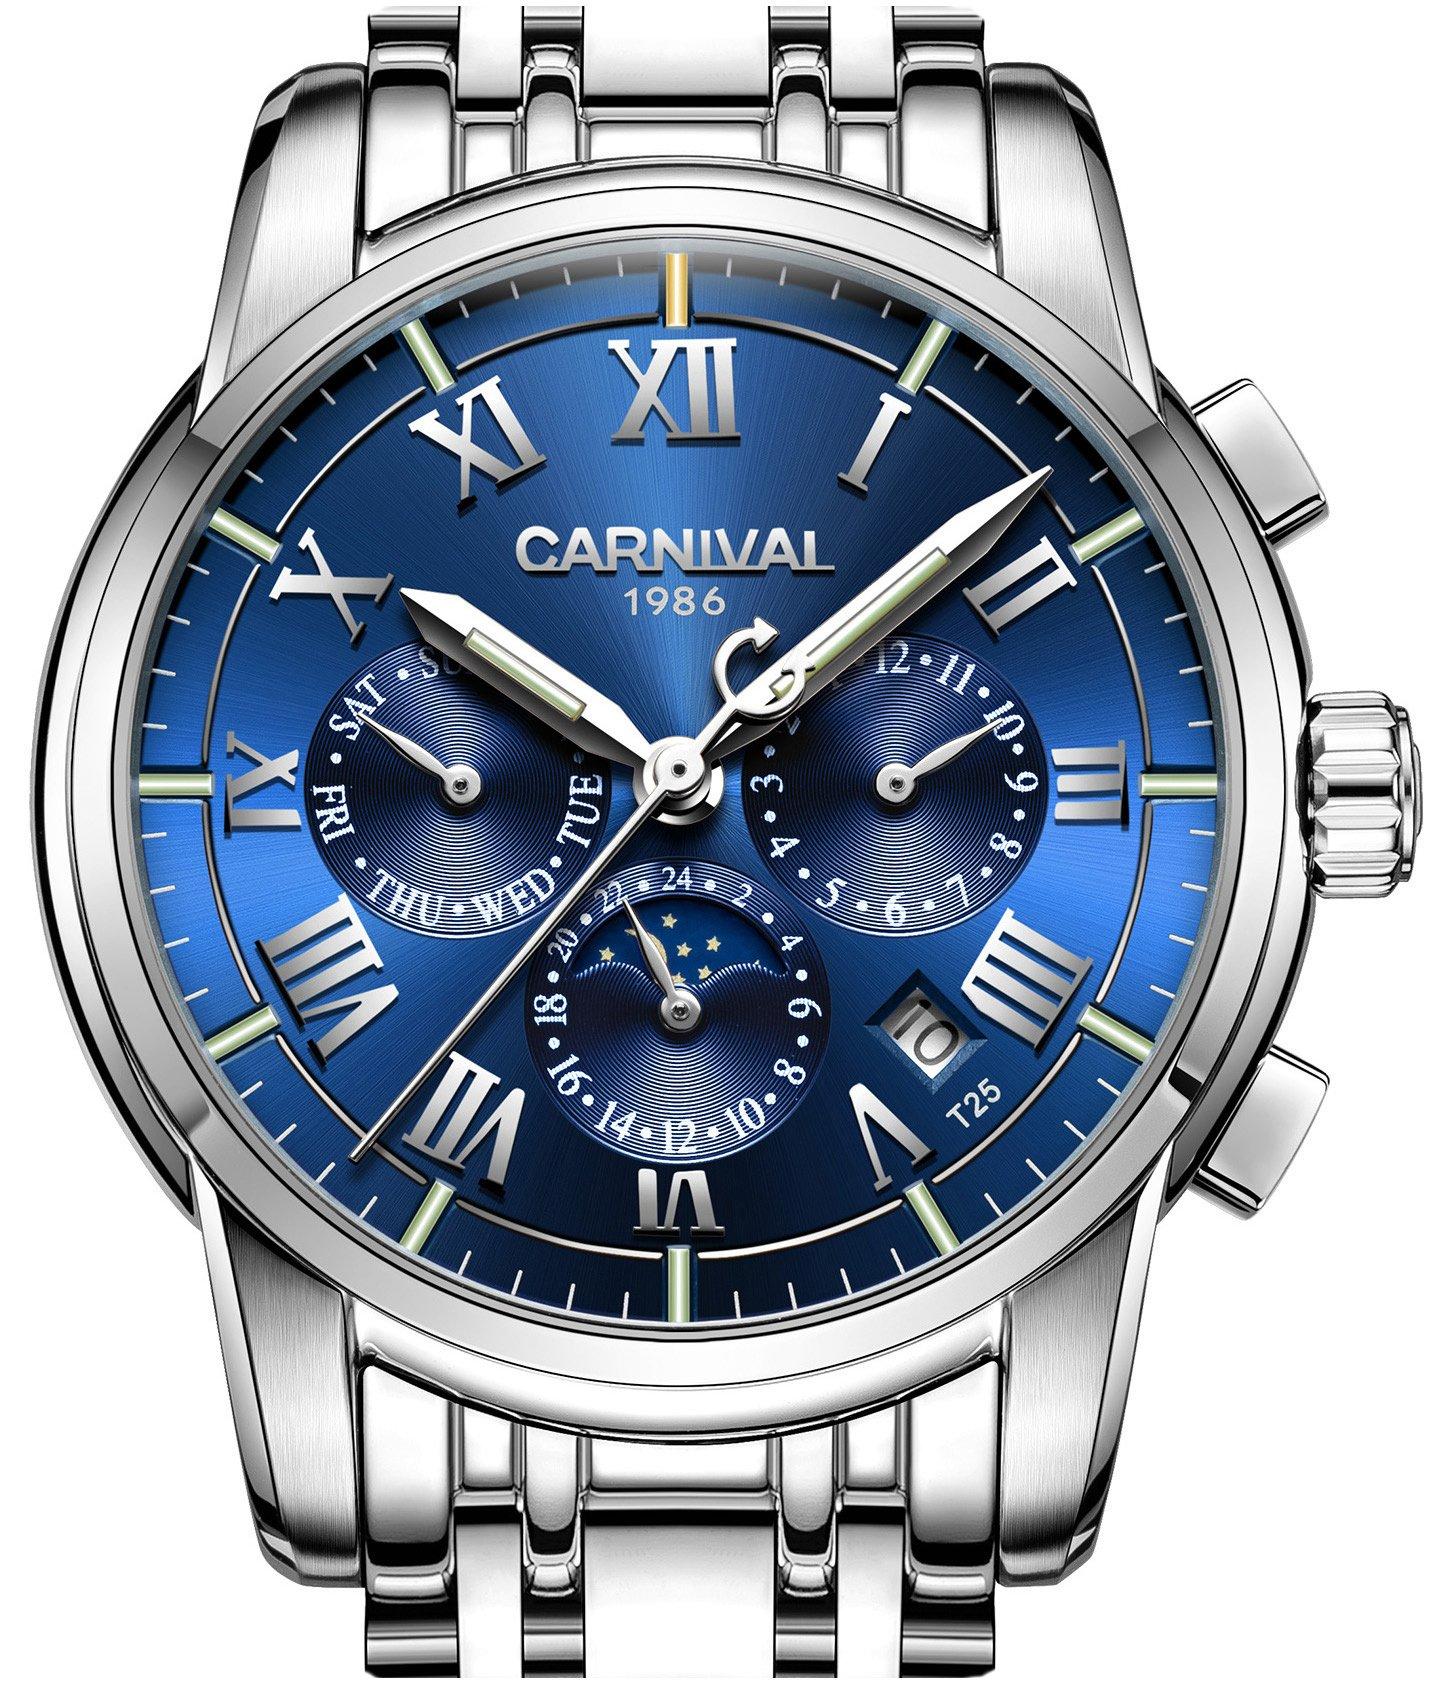 PASOY Carnival Men's Tritium Luminous Watch Automatic Mechanical Tourbillon Date Blue Dial Skeleton Watch